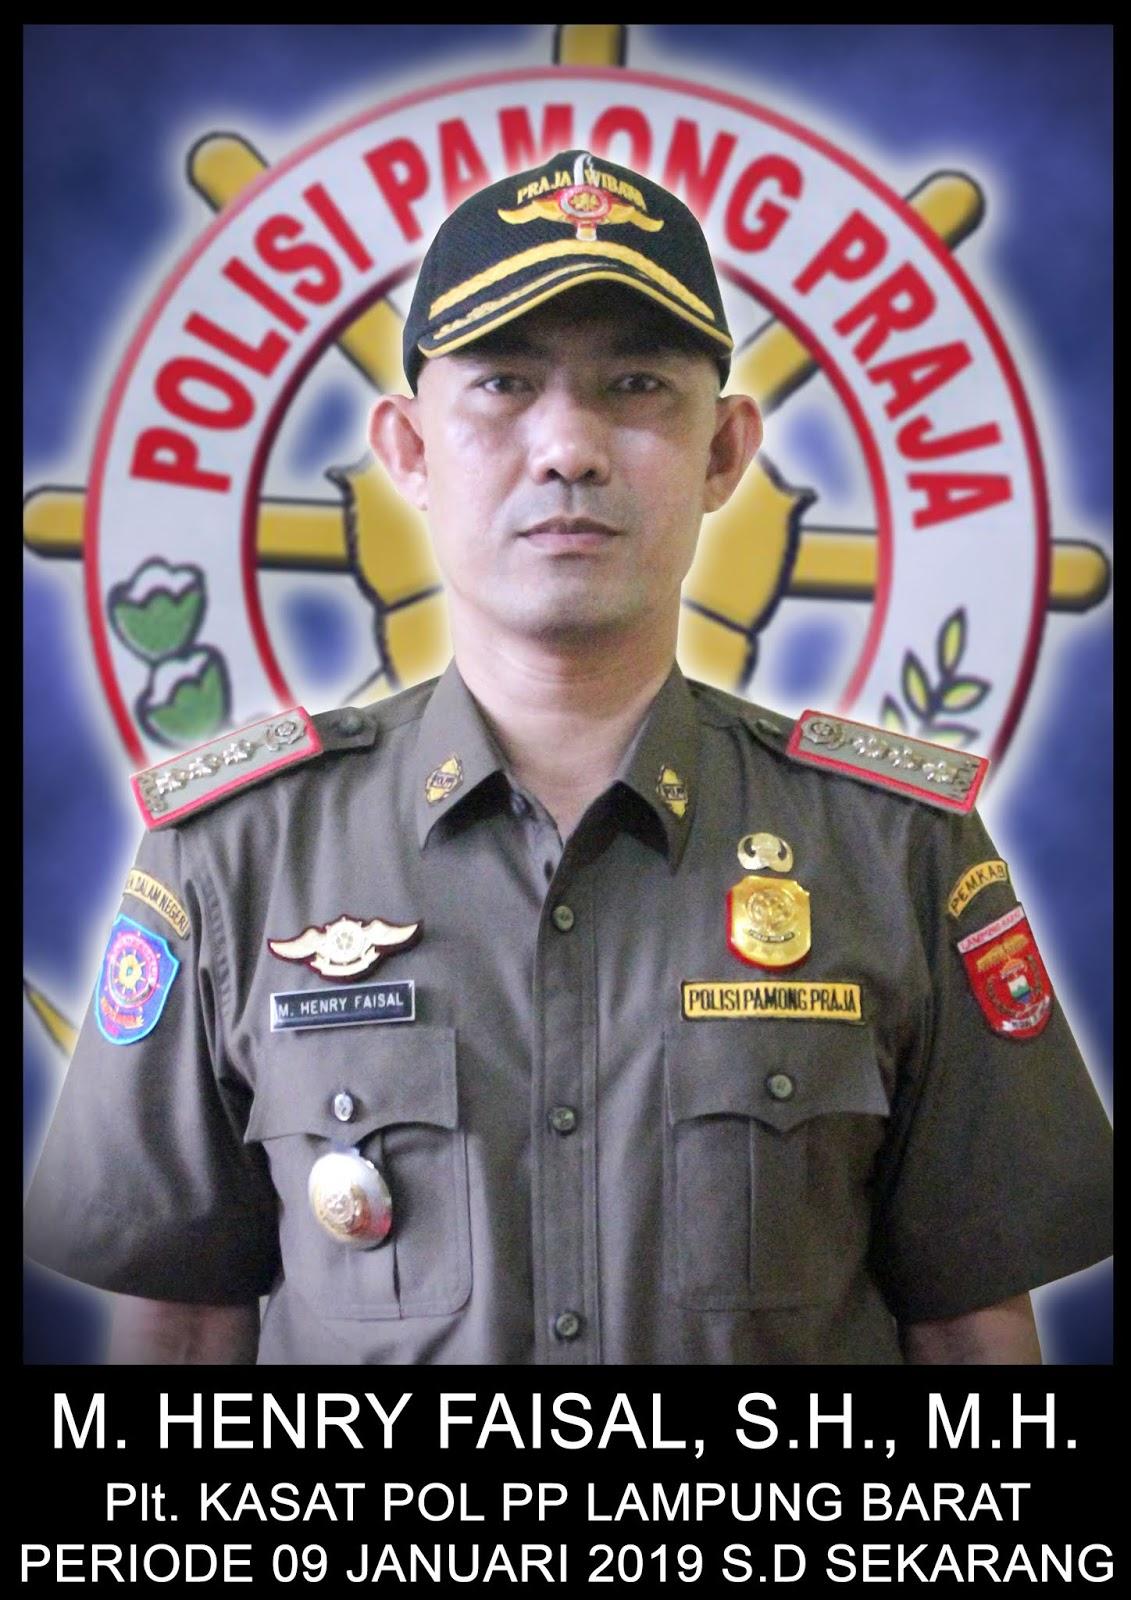 Kasat Pol PP Lampung Barat